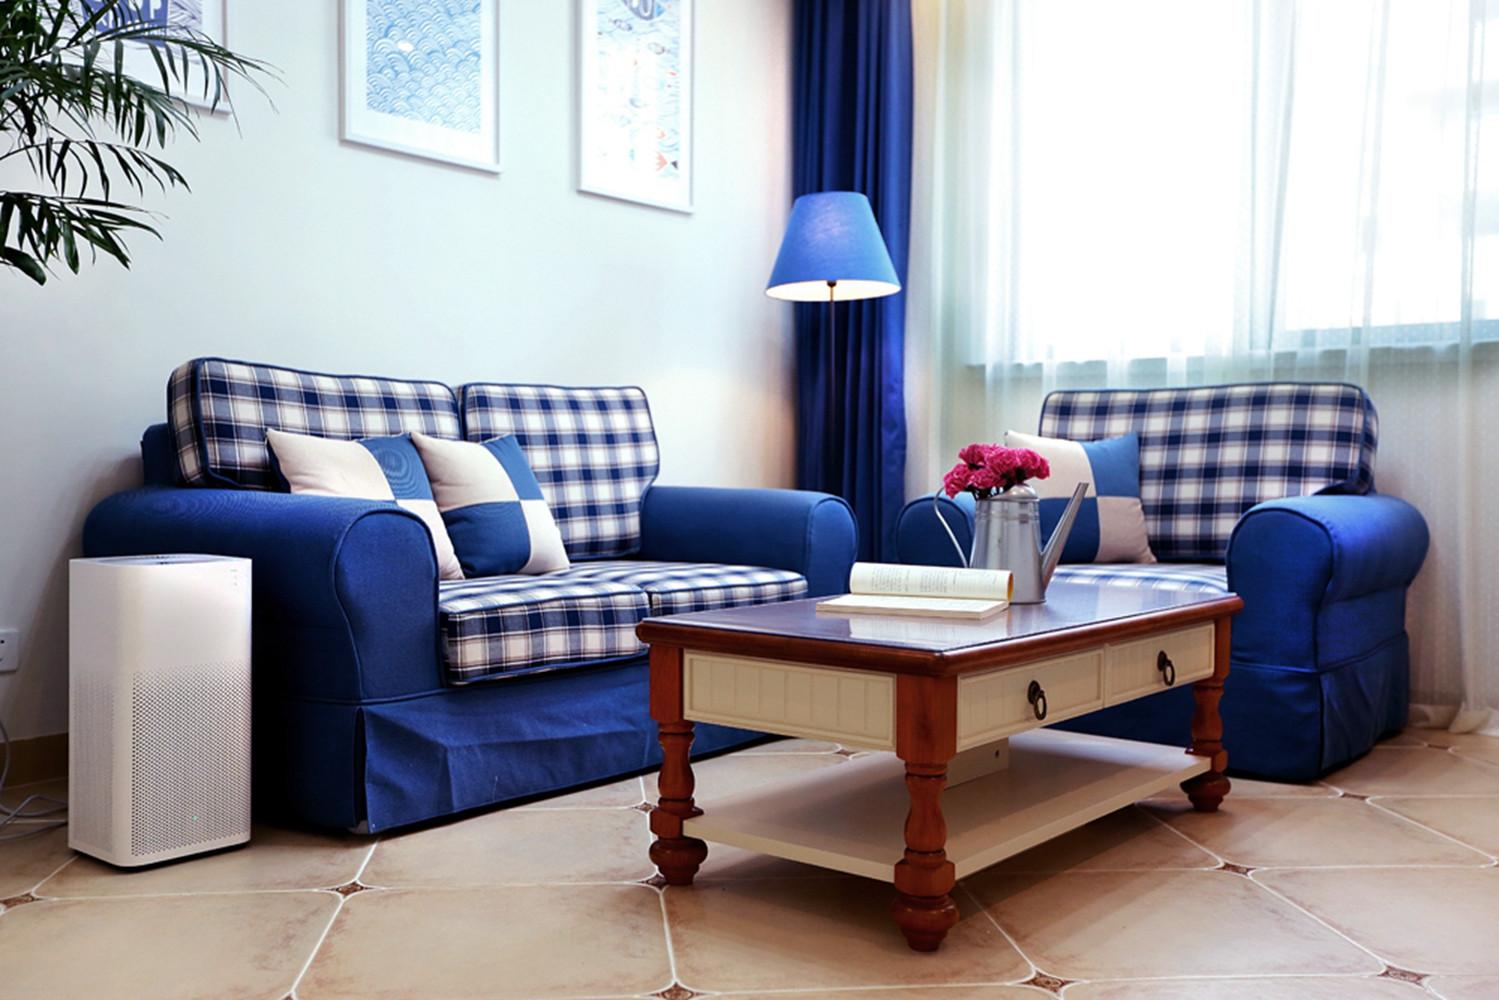 86平地中海风格家沙发图片